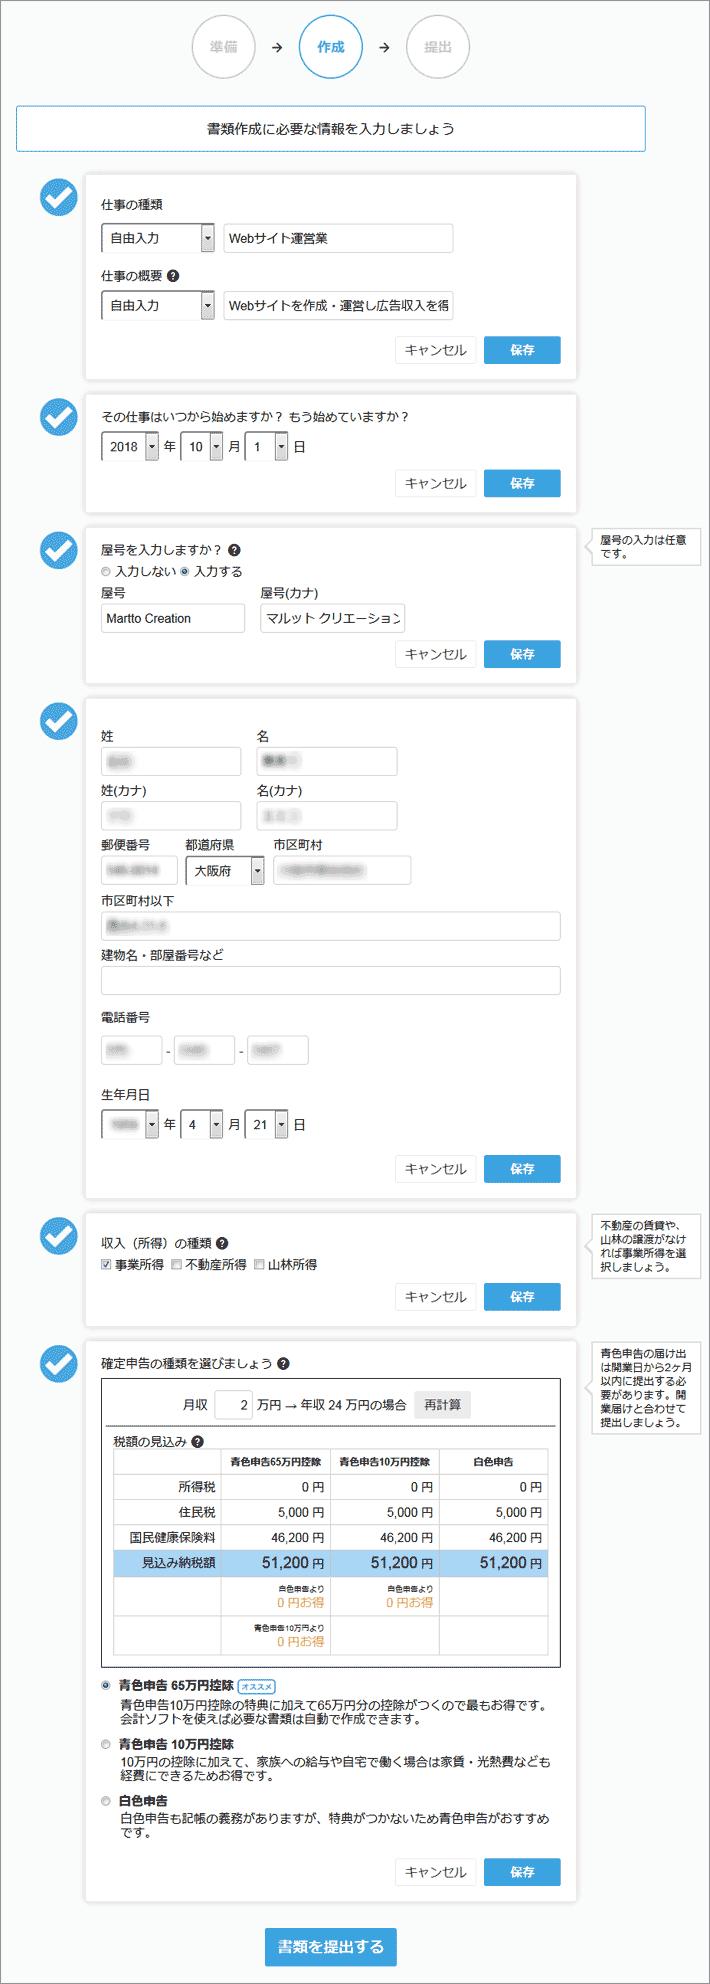 18394_04(開業freee)